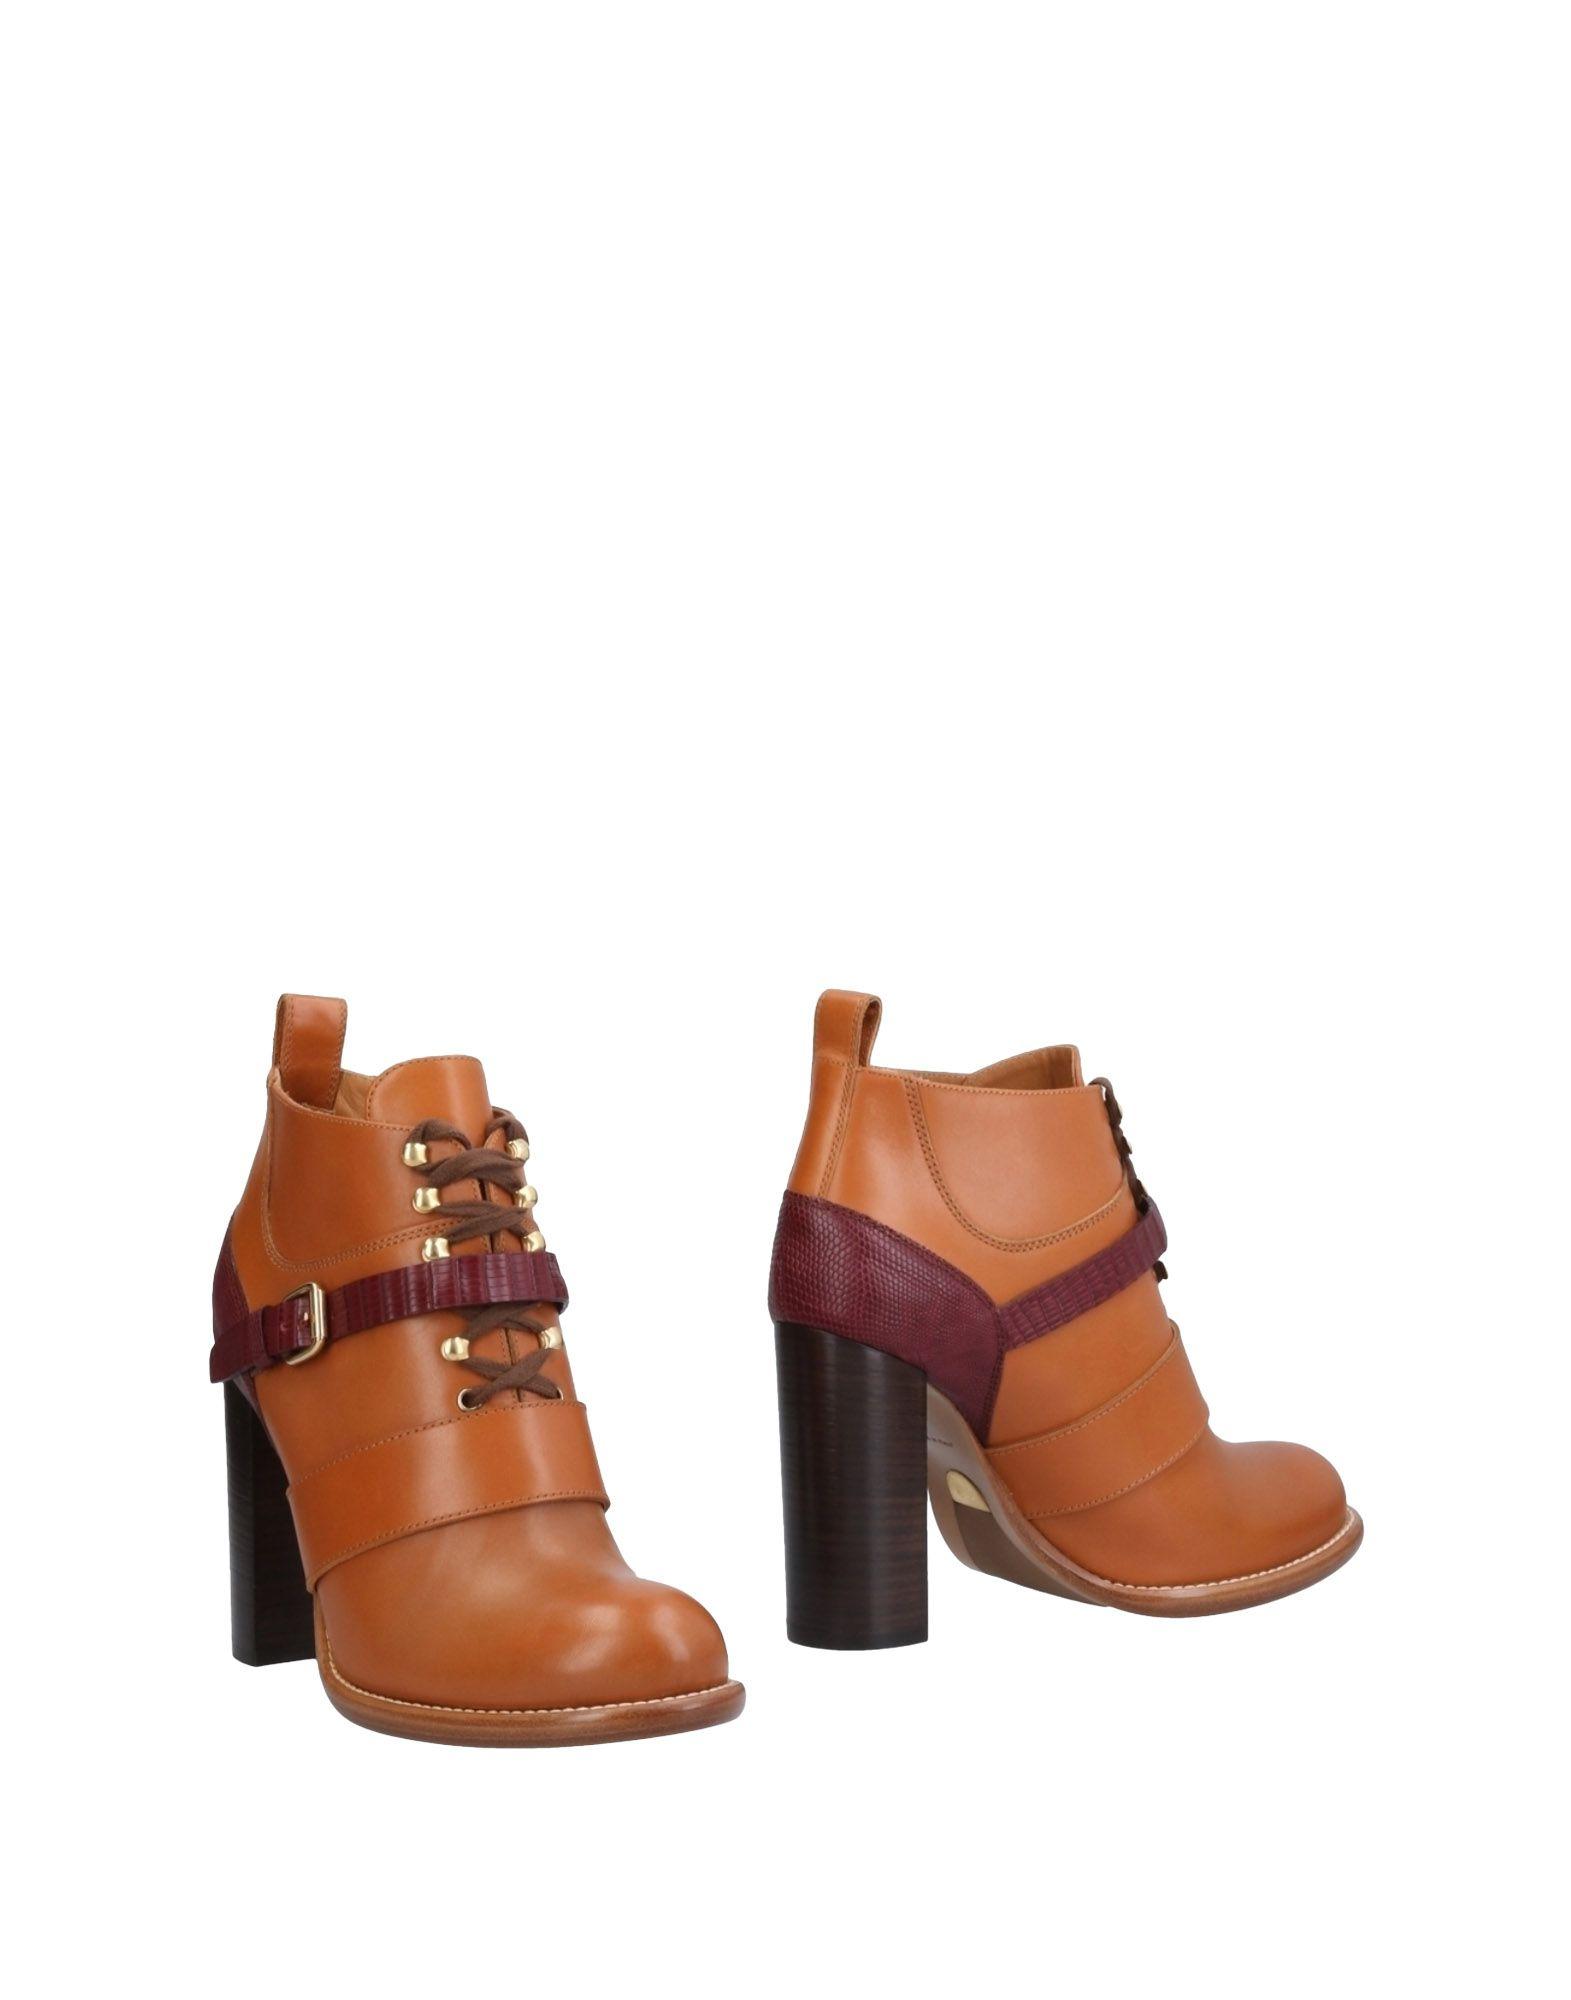 Chloé Stiefelette Damen  11462015JIGünstige gut aussehende Schuhe